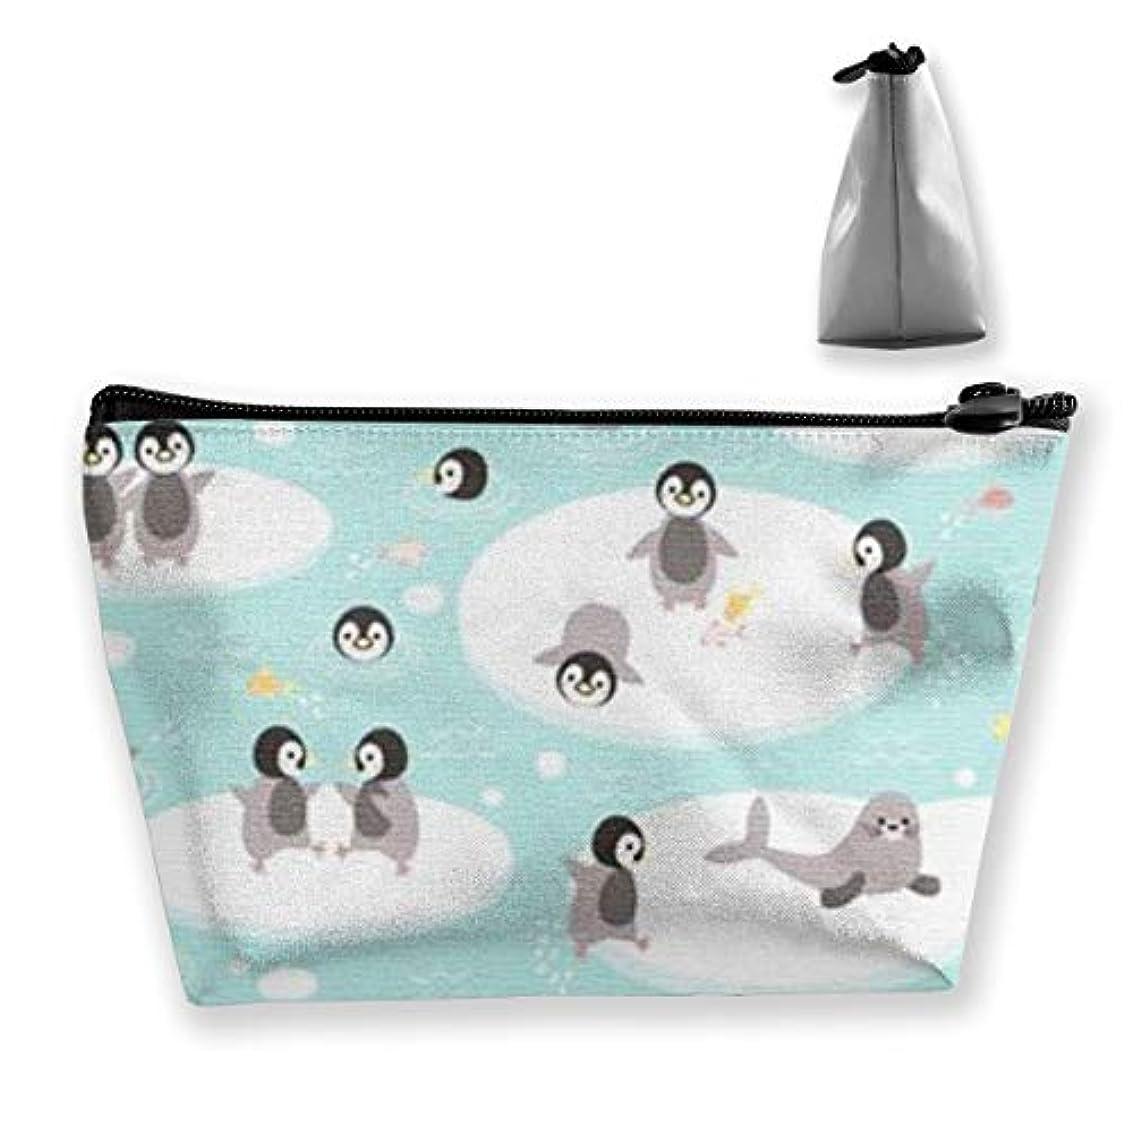 冷笑する失敗銀河ペンギンと幸せな北極圏 収納ポーチ 化粧ポーチ トラベルポーチ 小物入れ 小財布 防水 大容量 旅行 おしゃれ